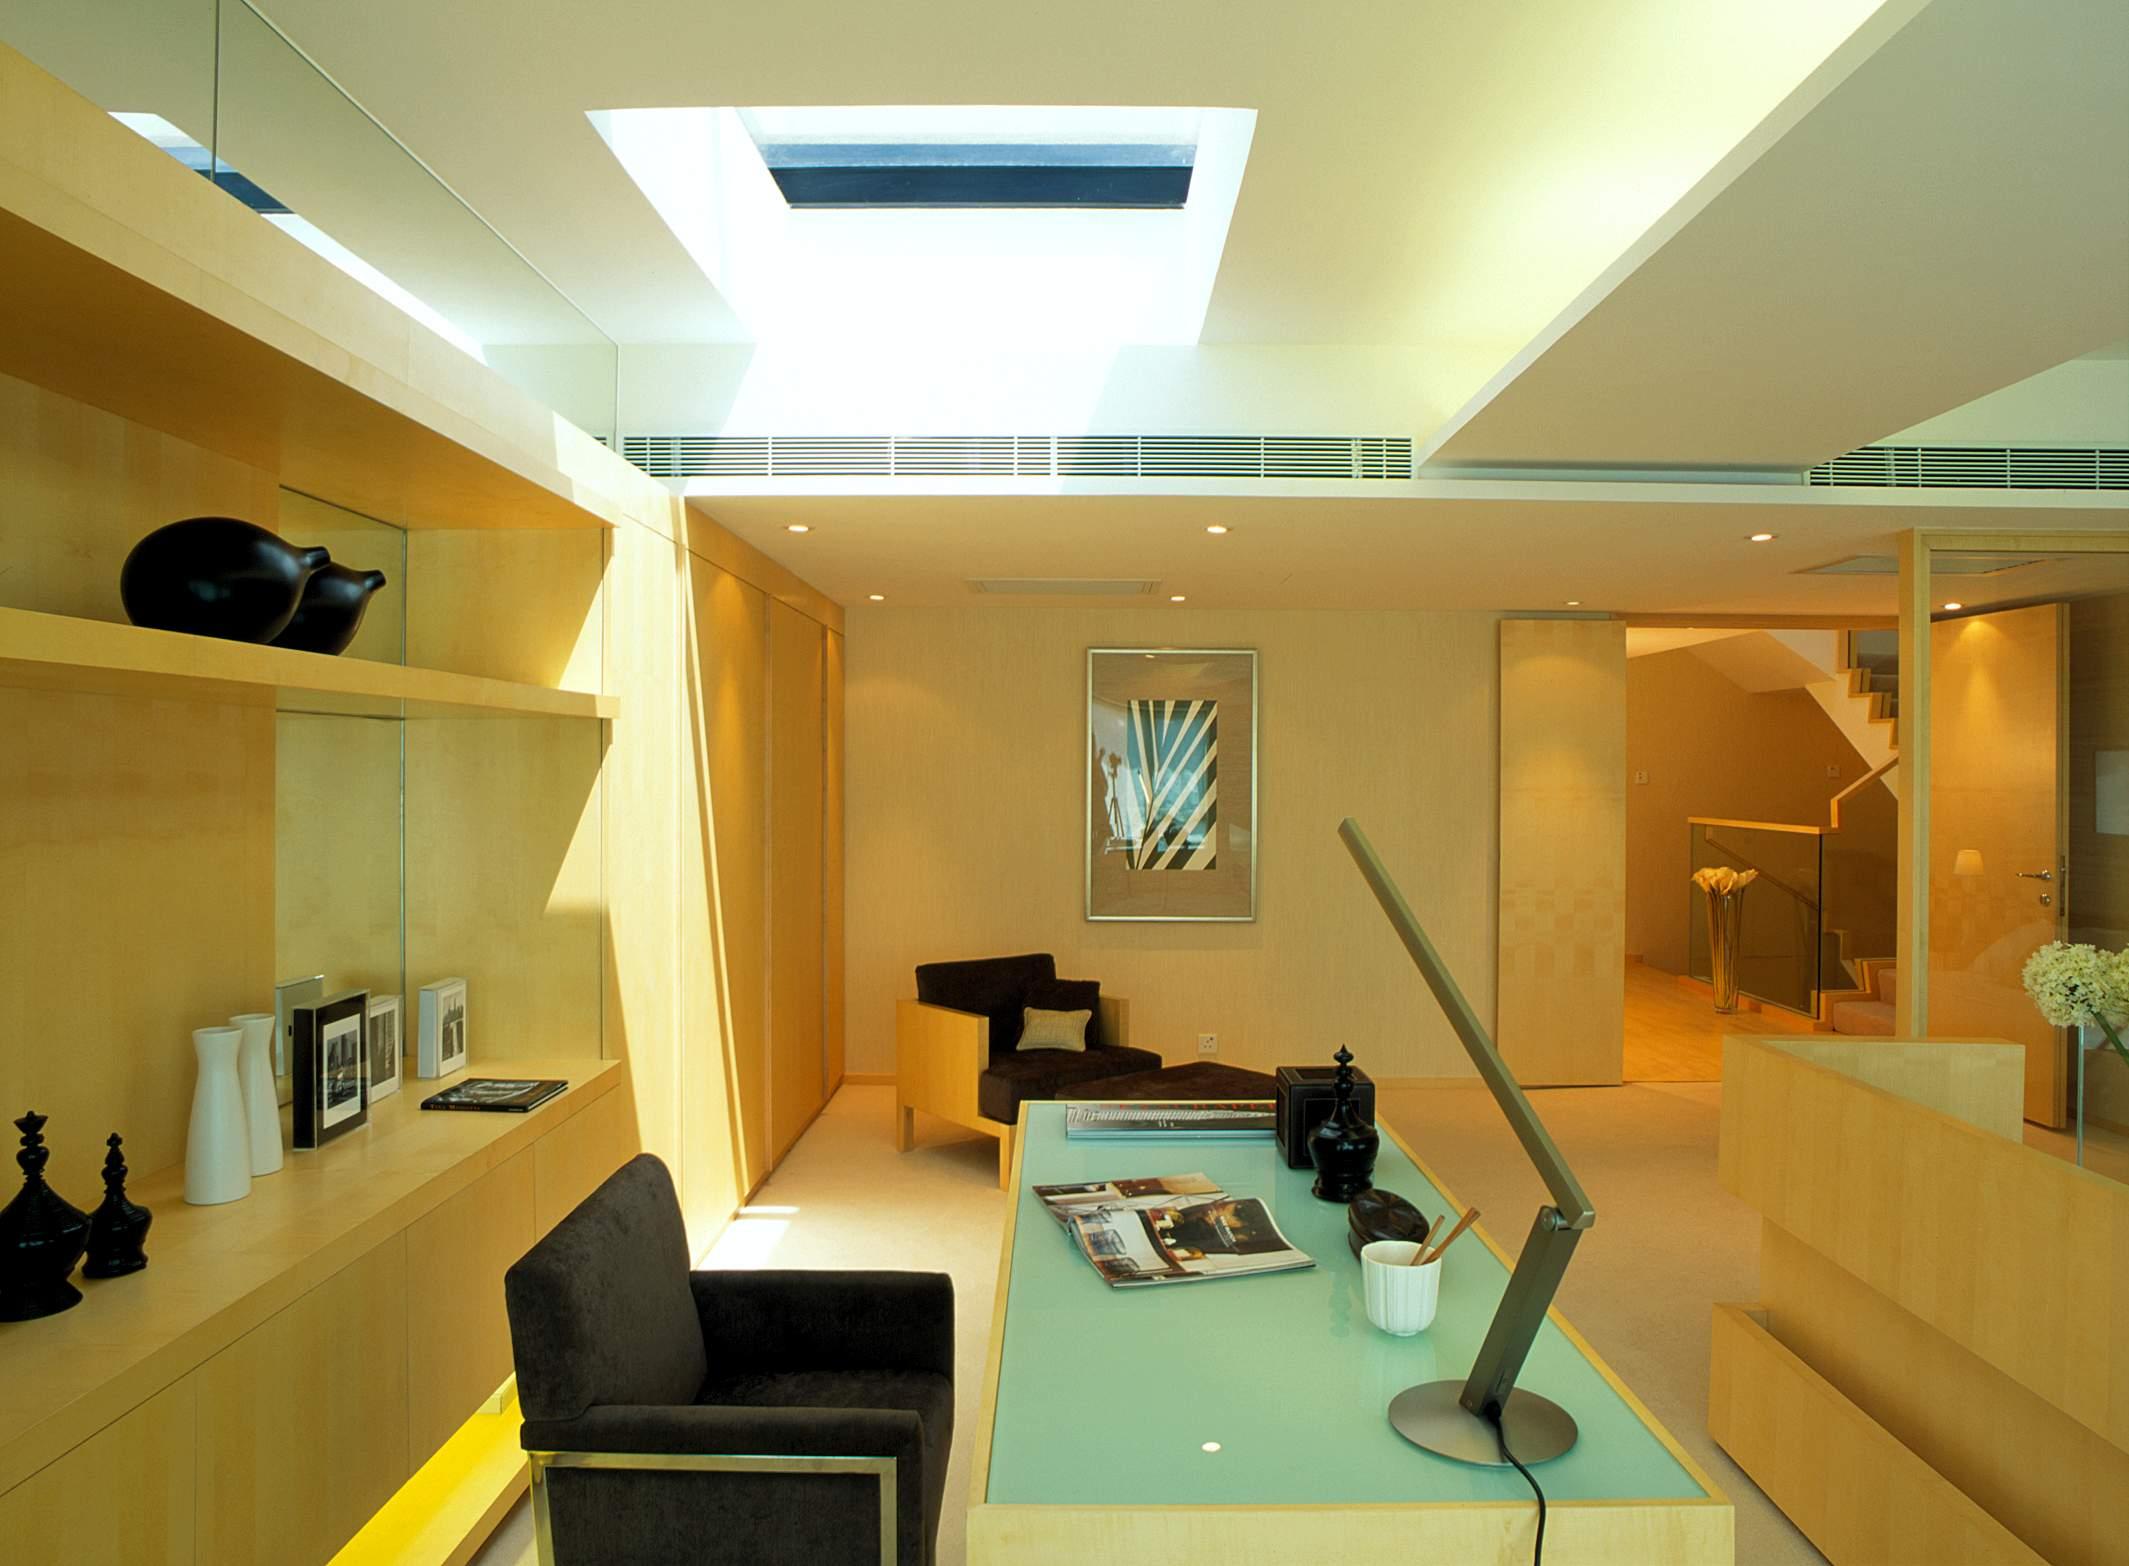 代风格样板房最新阳光书房书柜书架椅子书桌家具装修效果图 高清图片